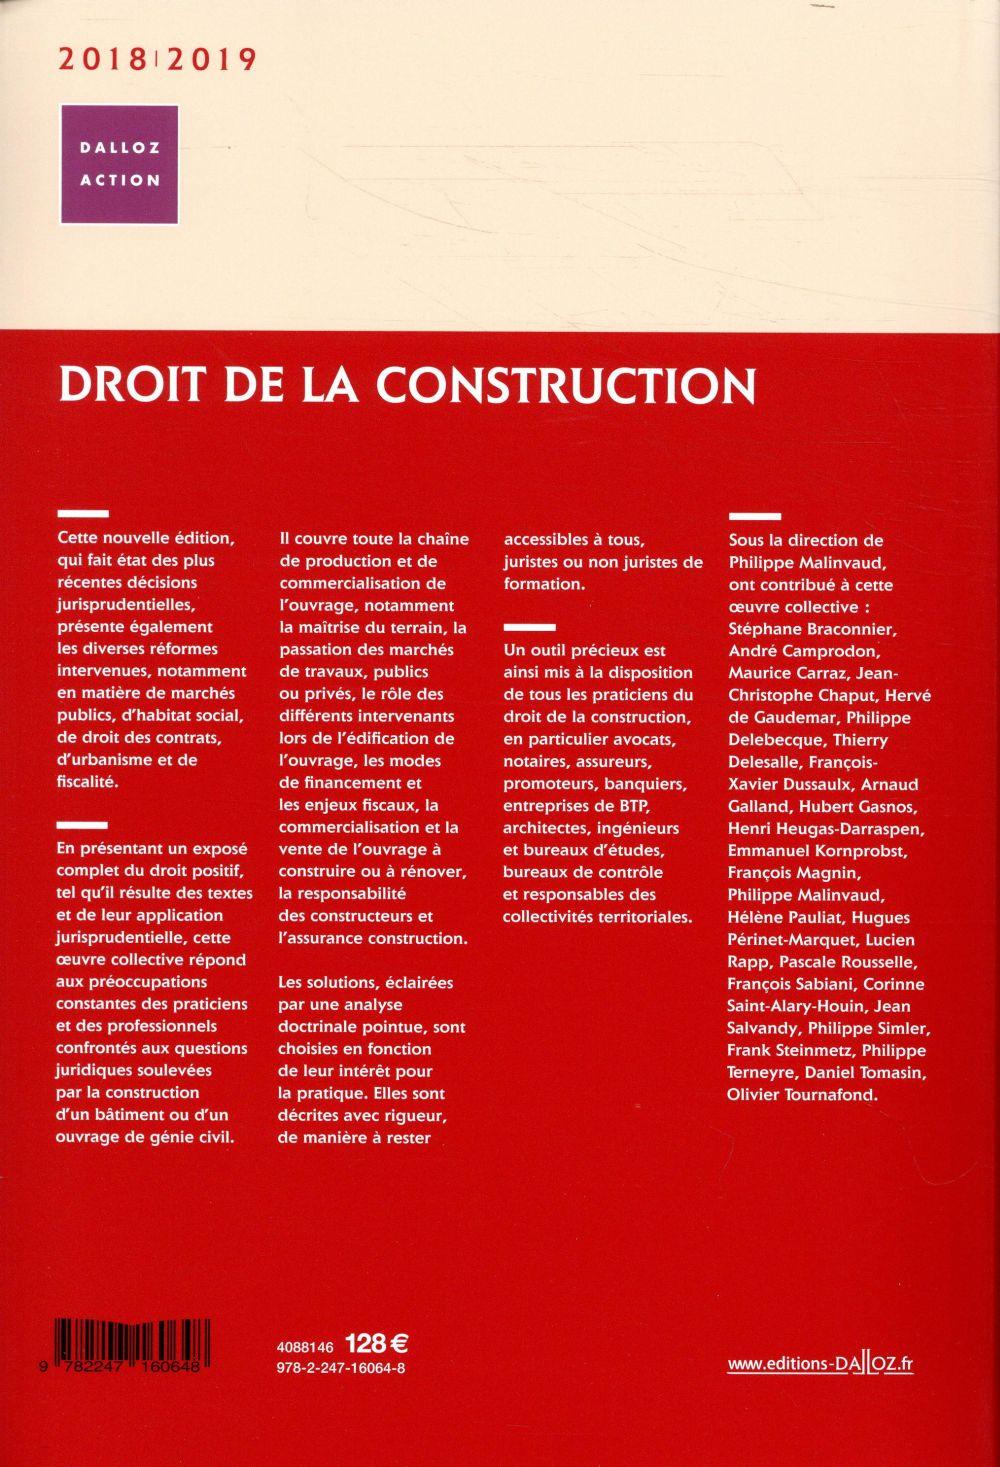 Droit de la construction (édition 2018/2019)